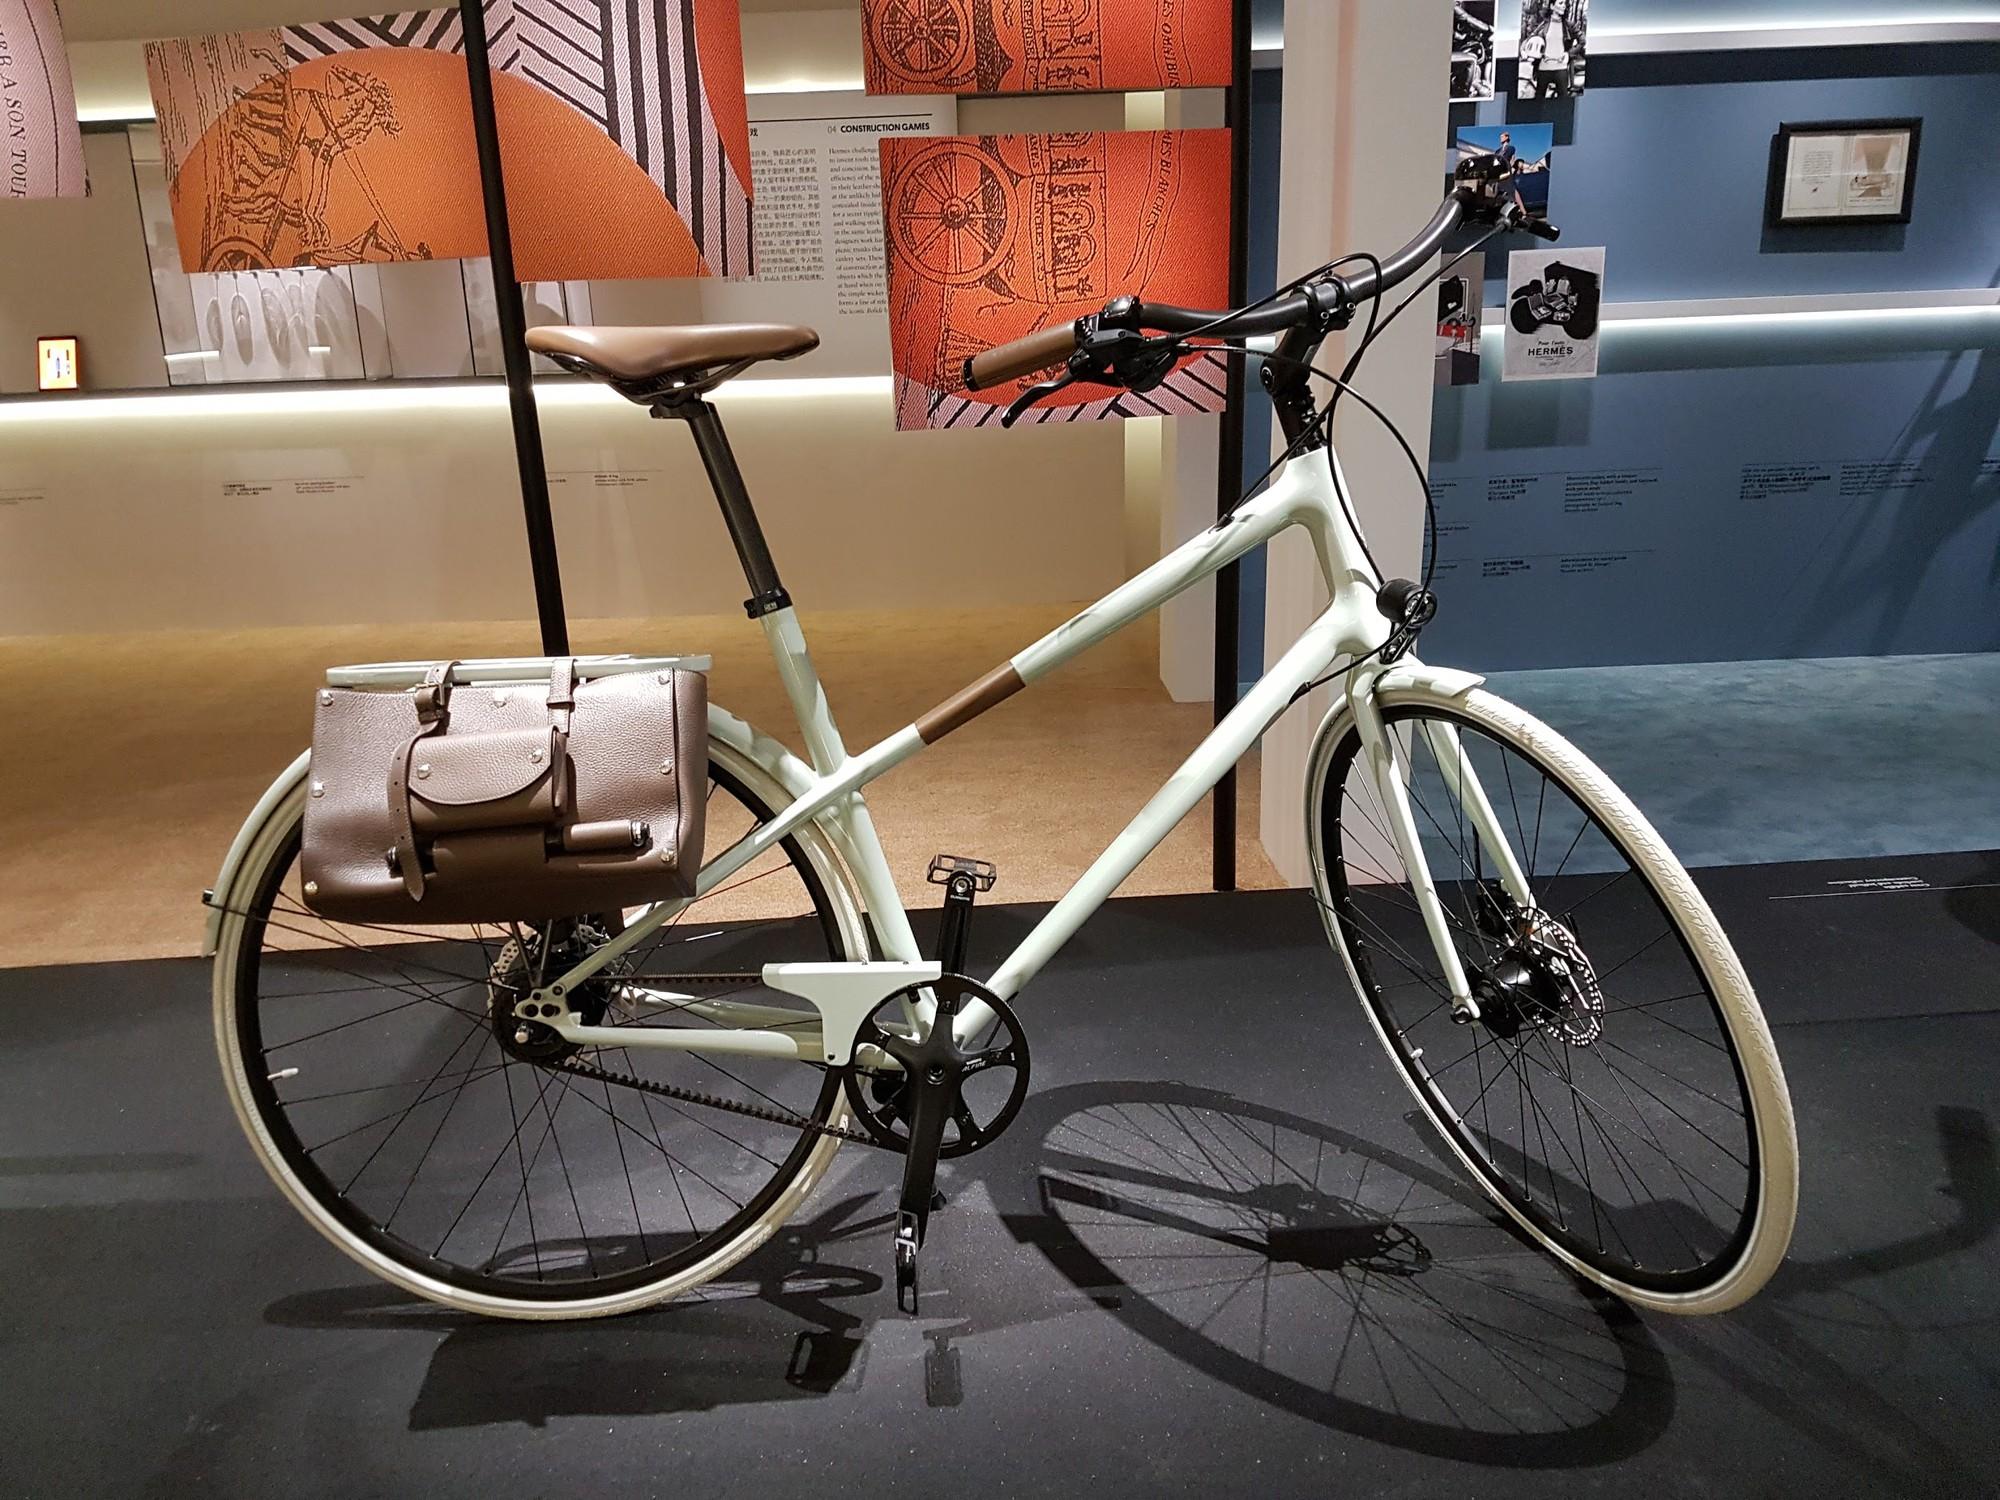 """Không chỉ có Birkin hay Kelly, Hermès còn có xe đạp hơn 200 triệu, máy ảnh đựng rượu và khăn lụa """"boardgame"""" - Ảnh 2."""